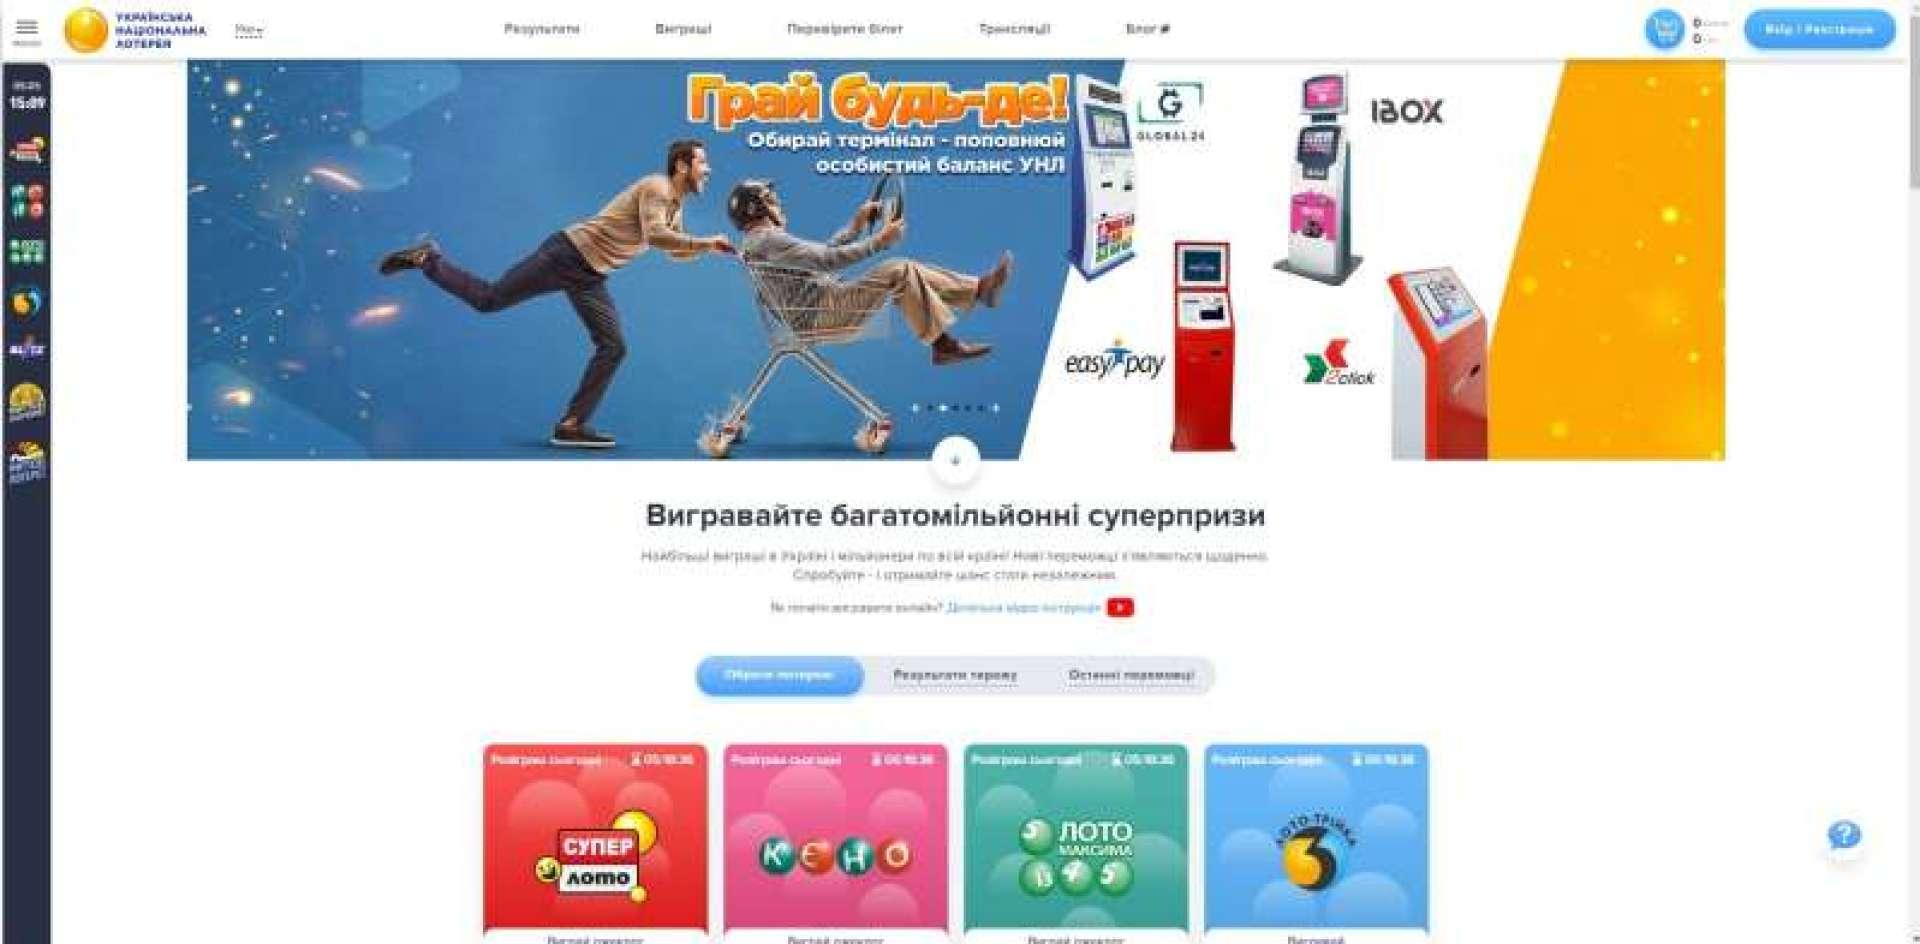 огляд сайту Української національної лотереї